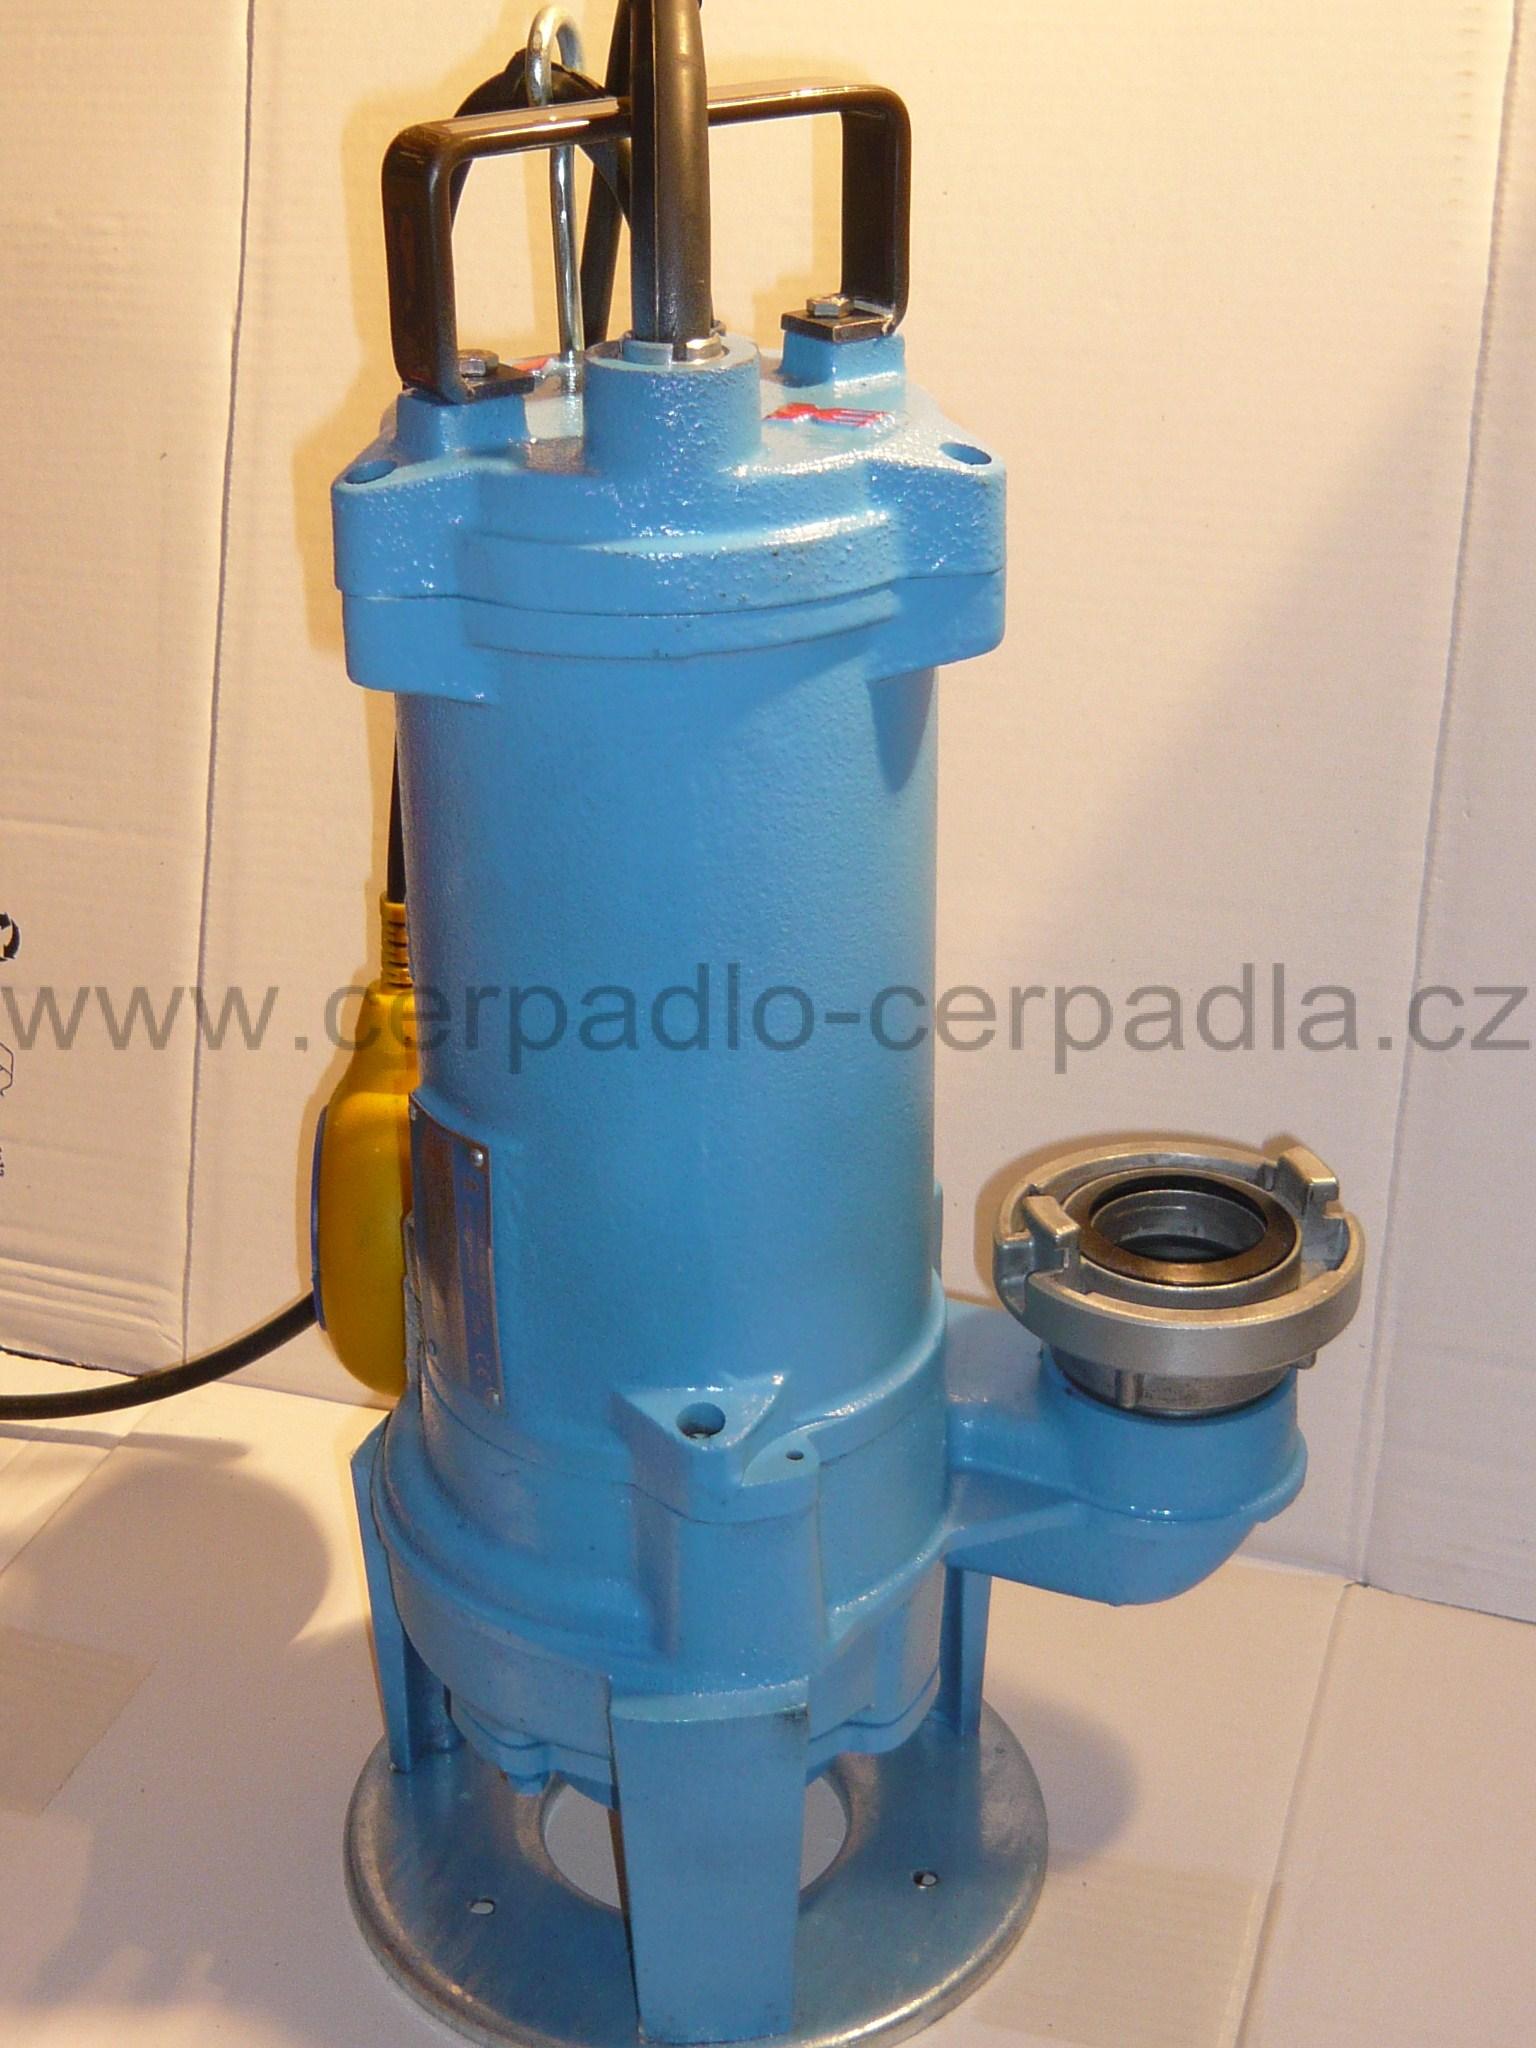 50-GFLU (SZ) 400V bez plováku, SIGMA, kalové čerpadlo, příruba (kalové čerpadlo, kalová čerpadla, Sigma, 50-GFLU (SZ) 400V bez plováku)